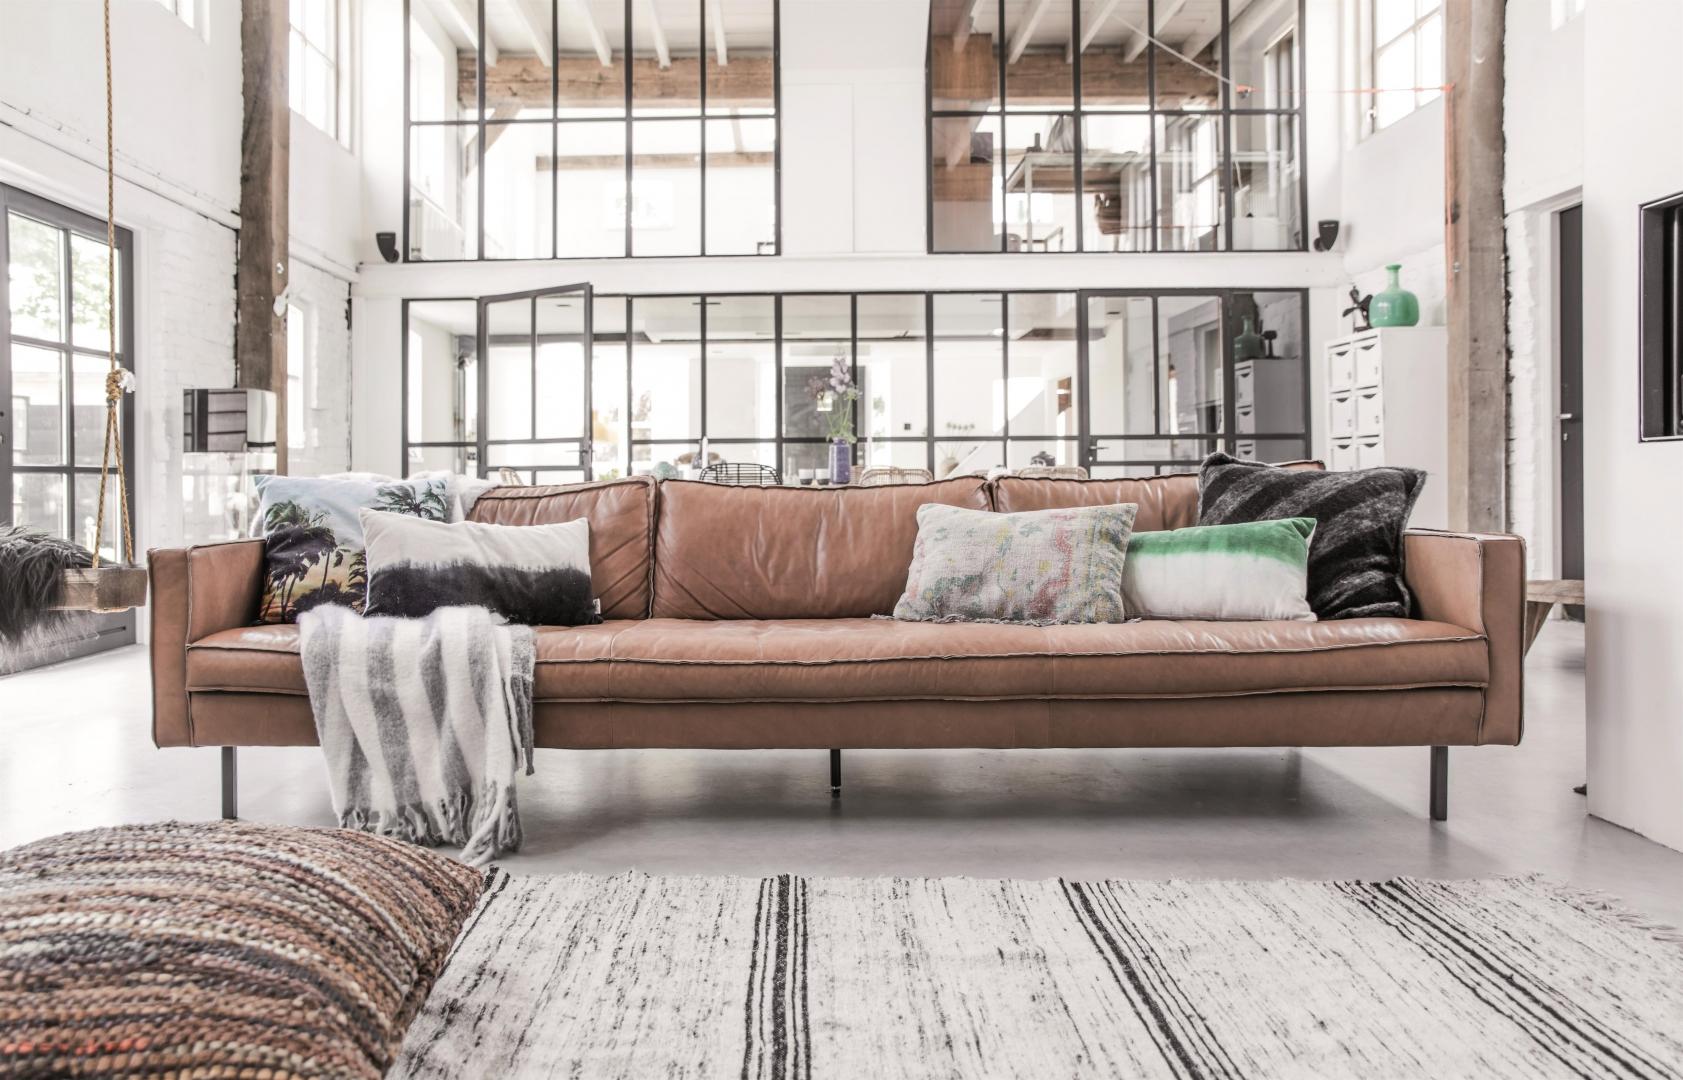 Interieur Industrieel Wonen Stijlvol Styling Woonblog